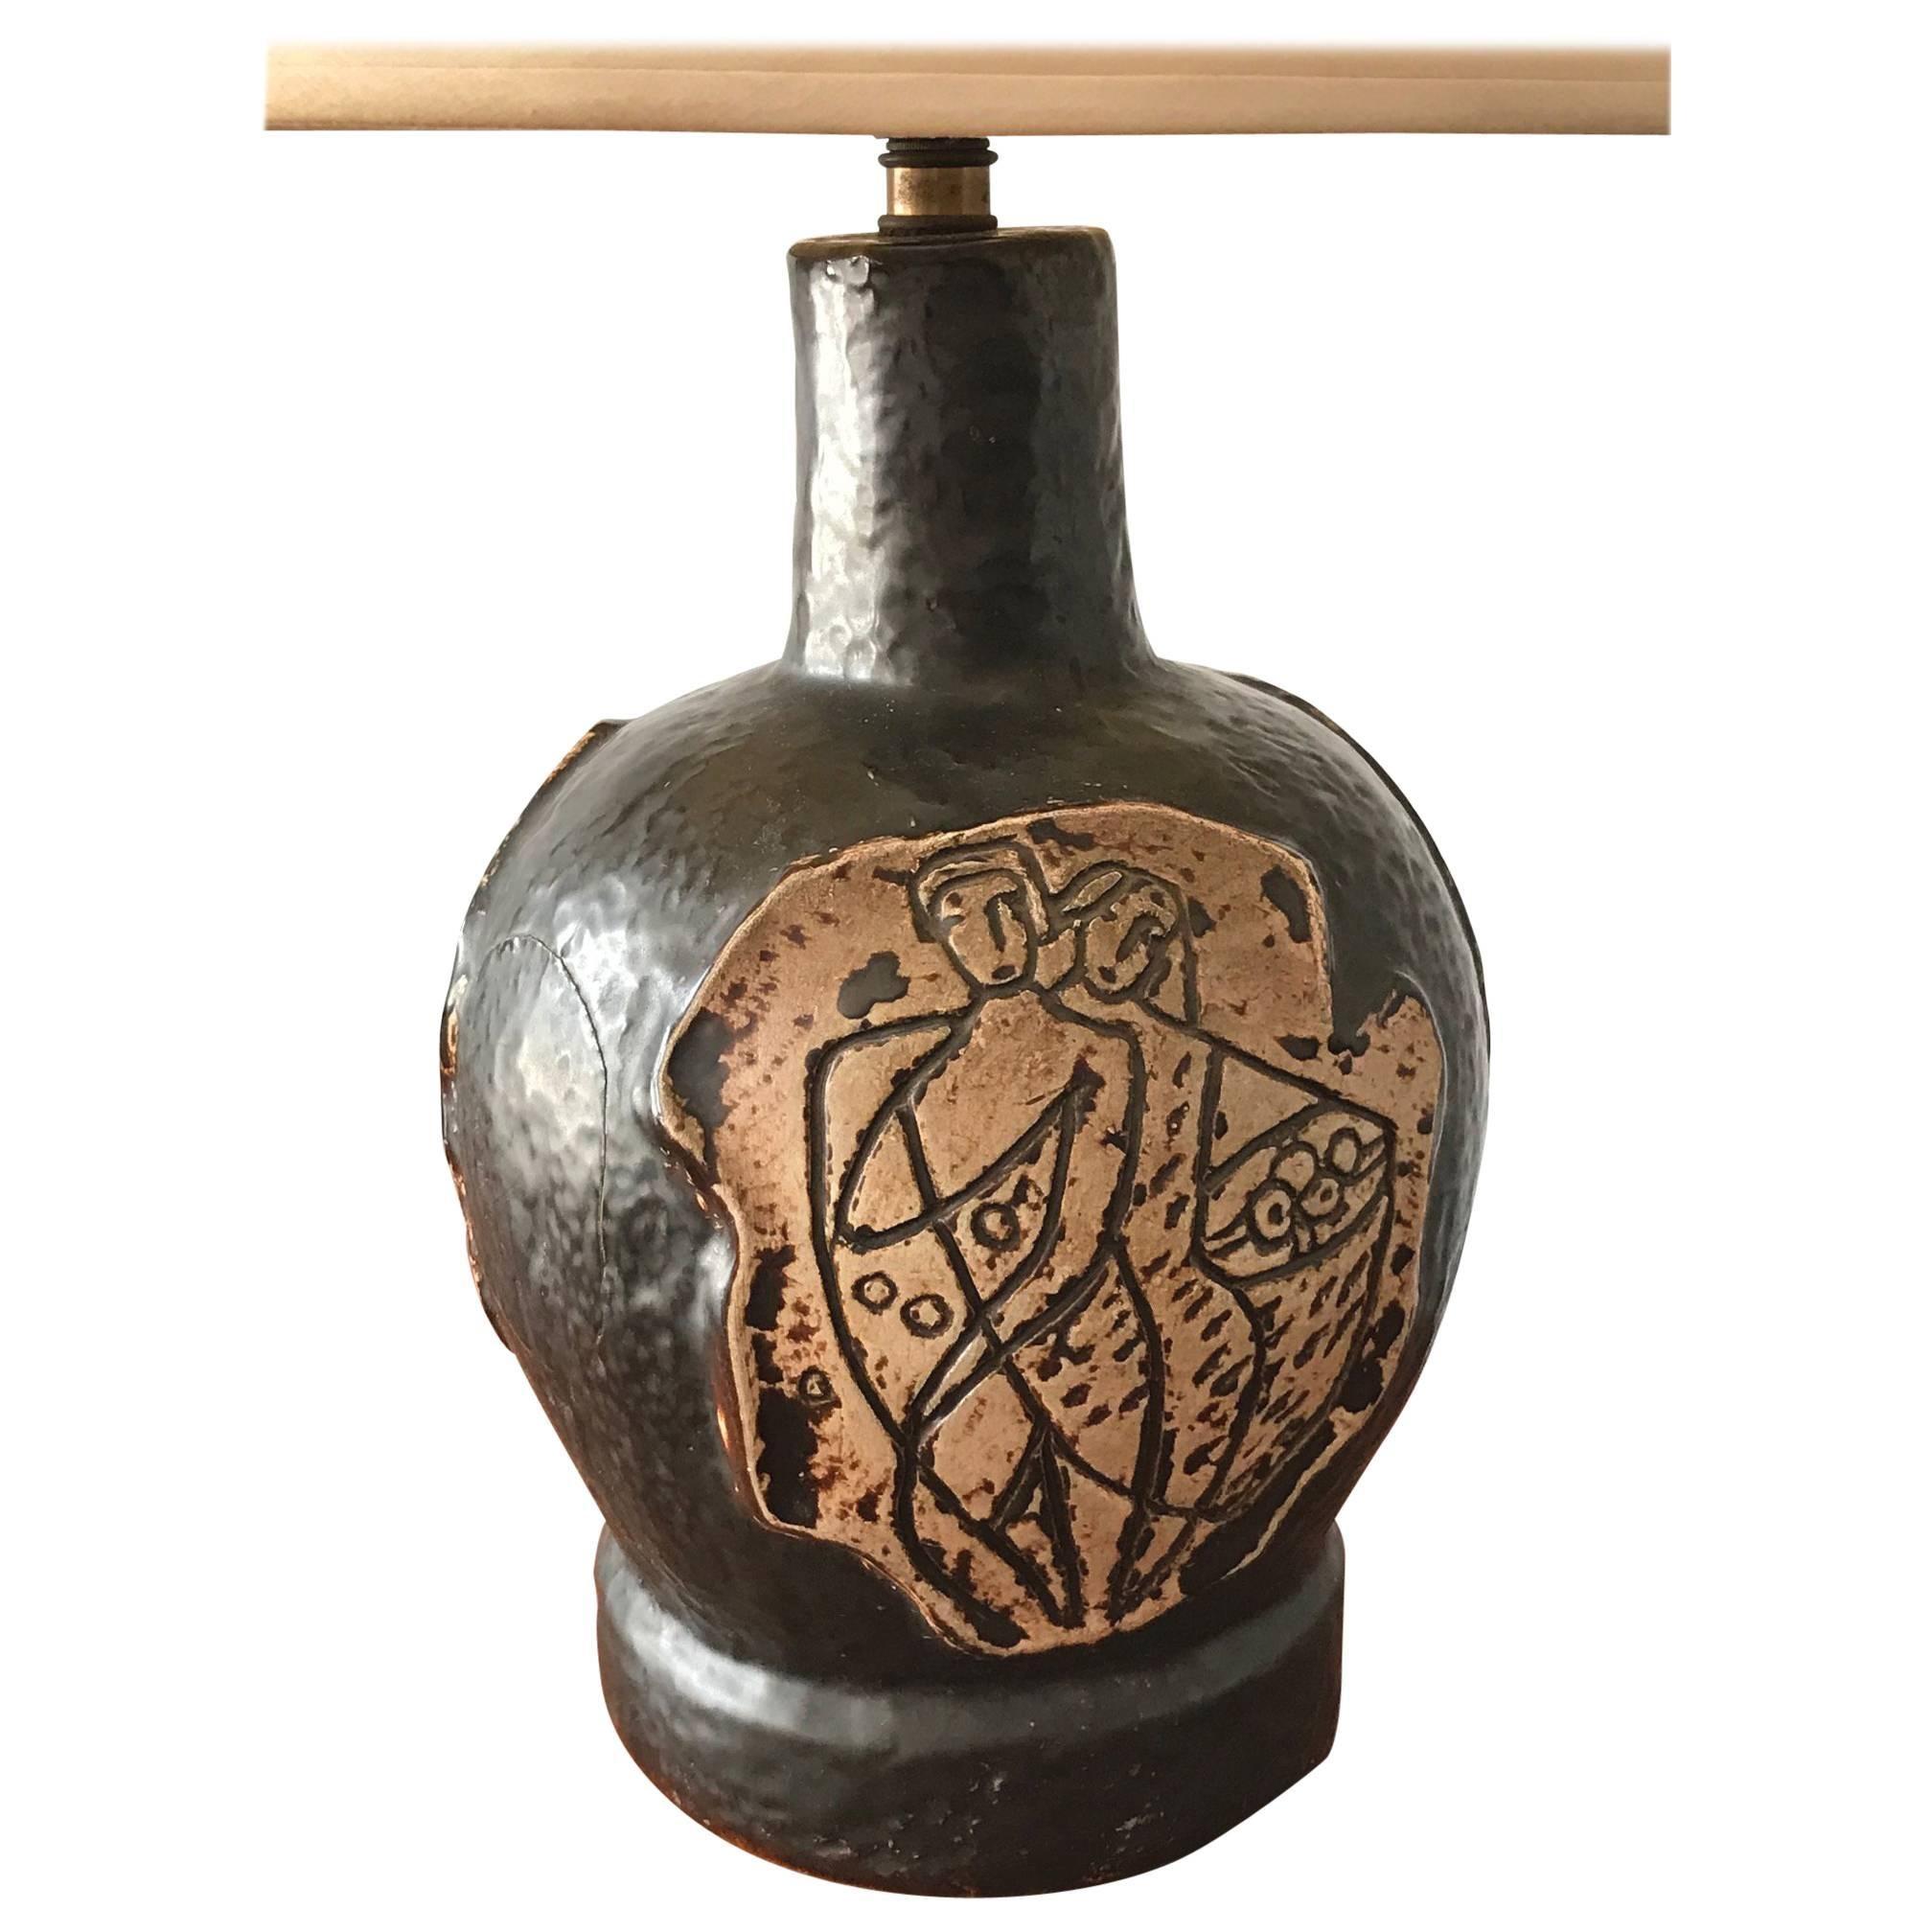 Unusual 1950s Ceramic Lamp